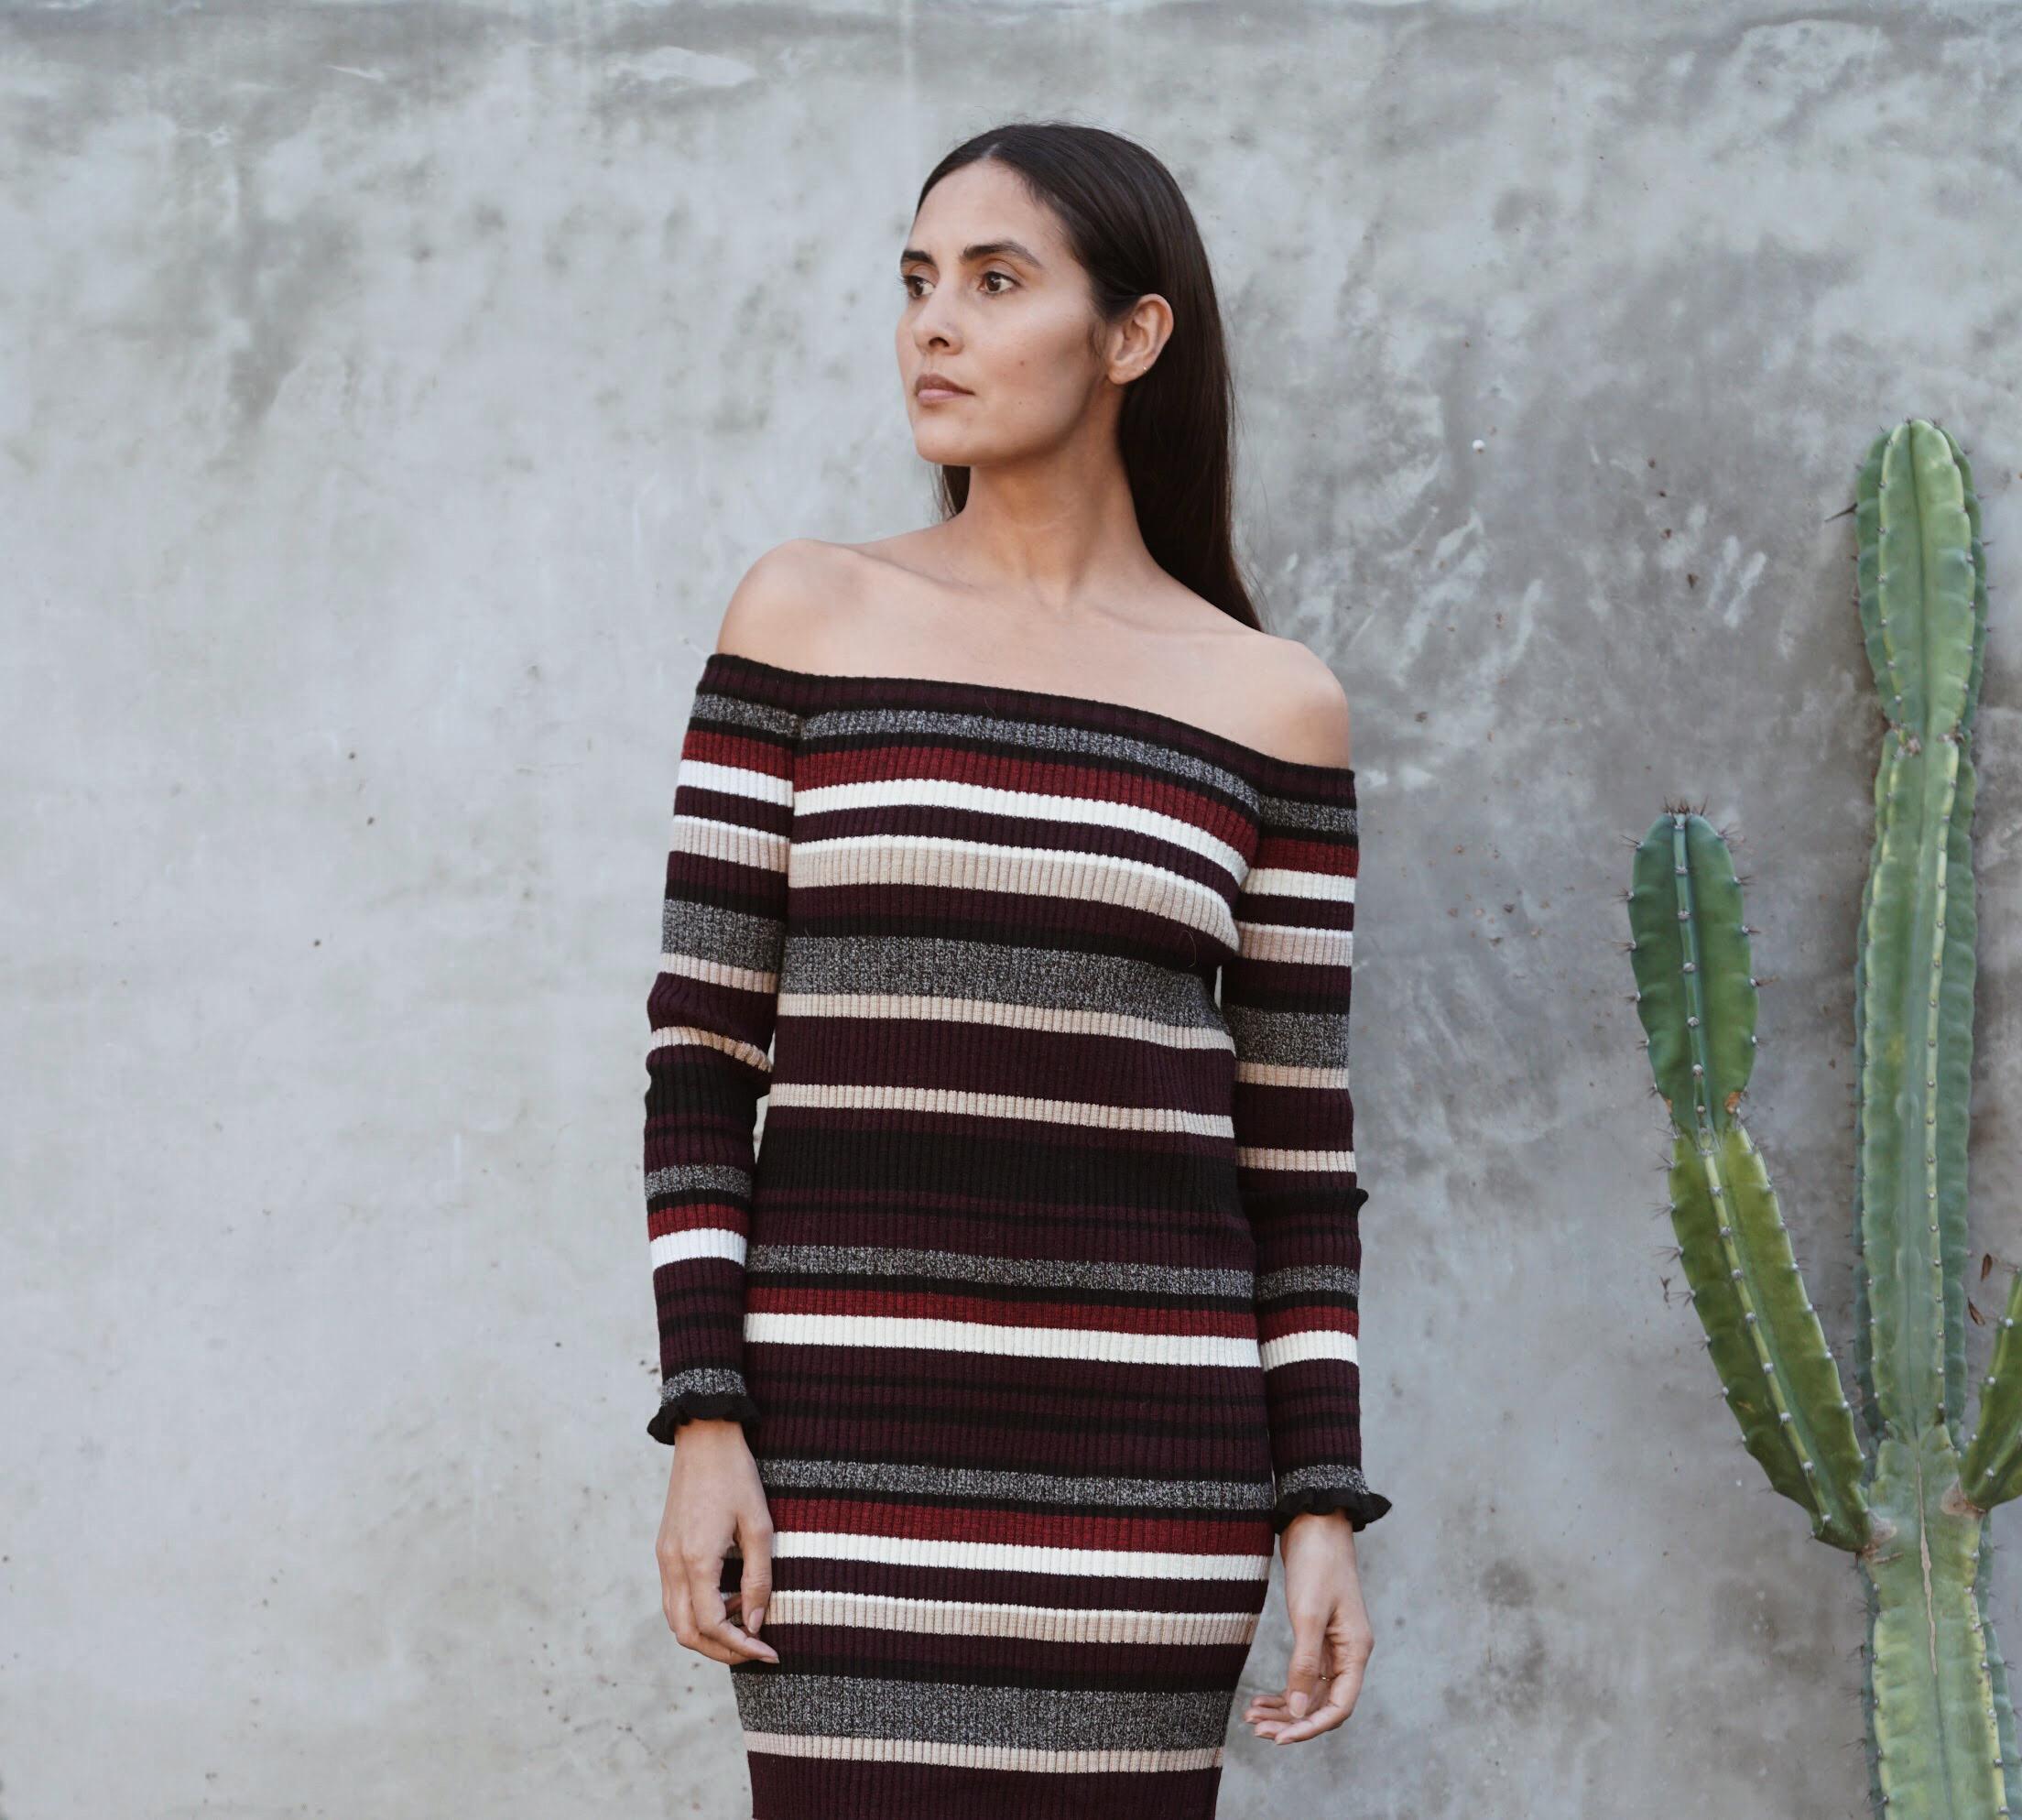 Eleven Six  Off Shoulder Sweater Dress in Multi +   Zuzii   Closed Toe Clogs in Natural.